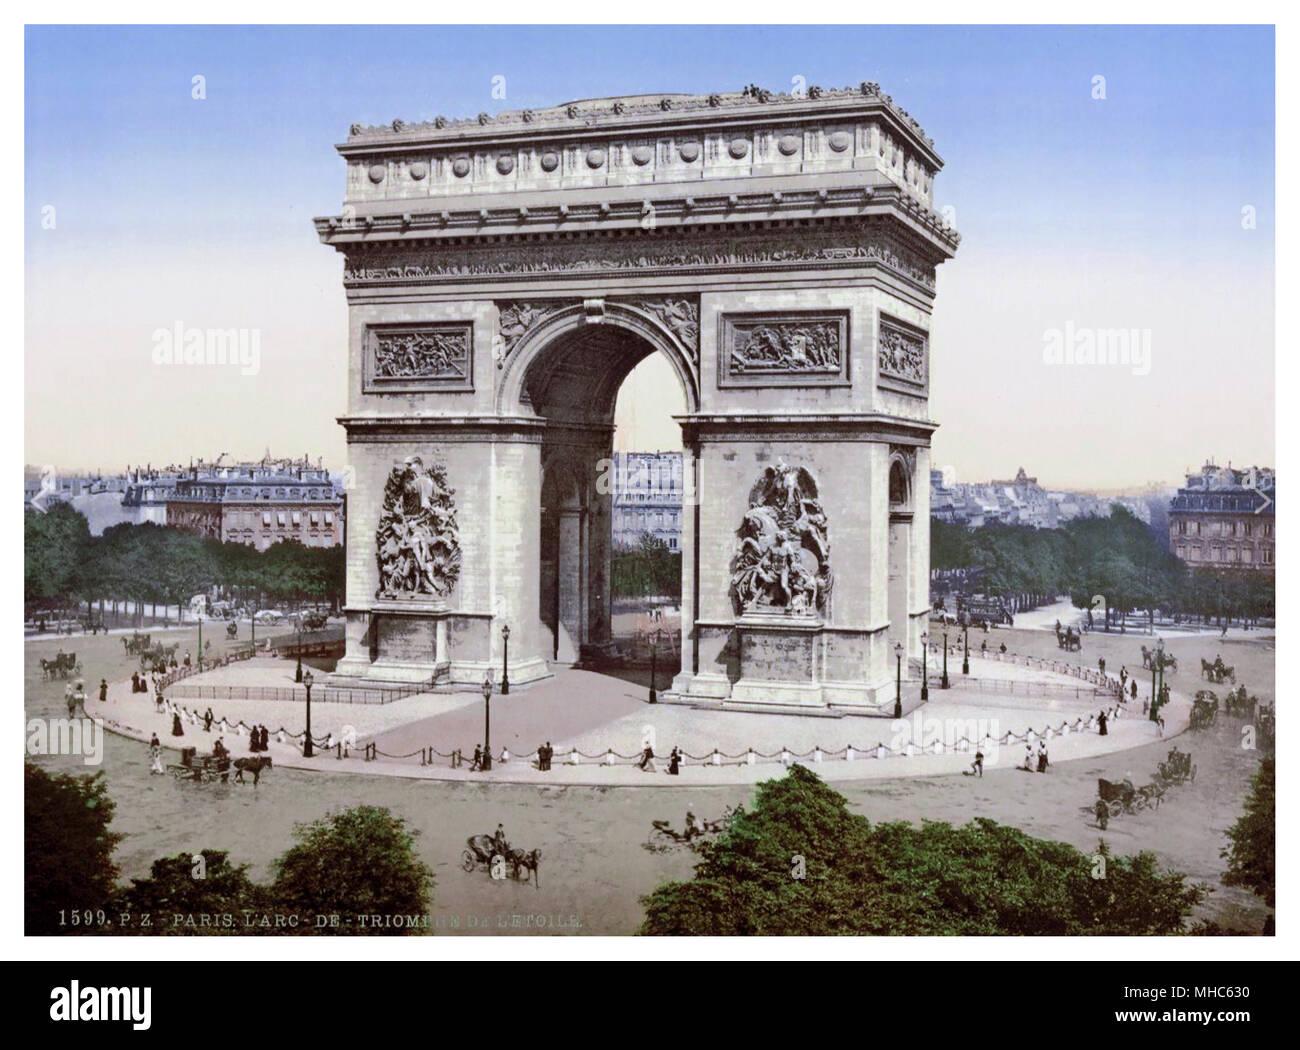 ARC DE TRIOMPHE PARIS France 1890s -1900 Vintage Historic Colour France Photochrom. Color Lithography historic coach and horses city colour scene - Stock Image